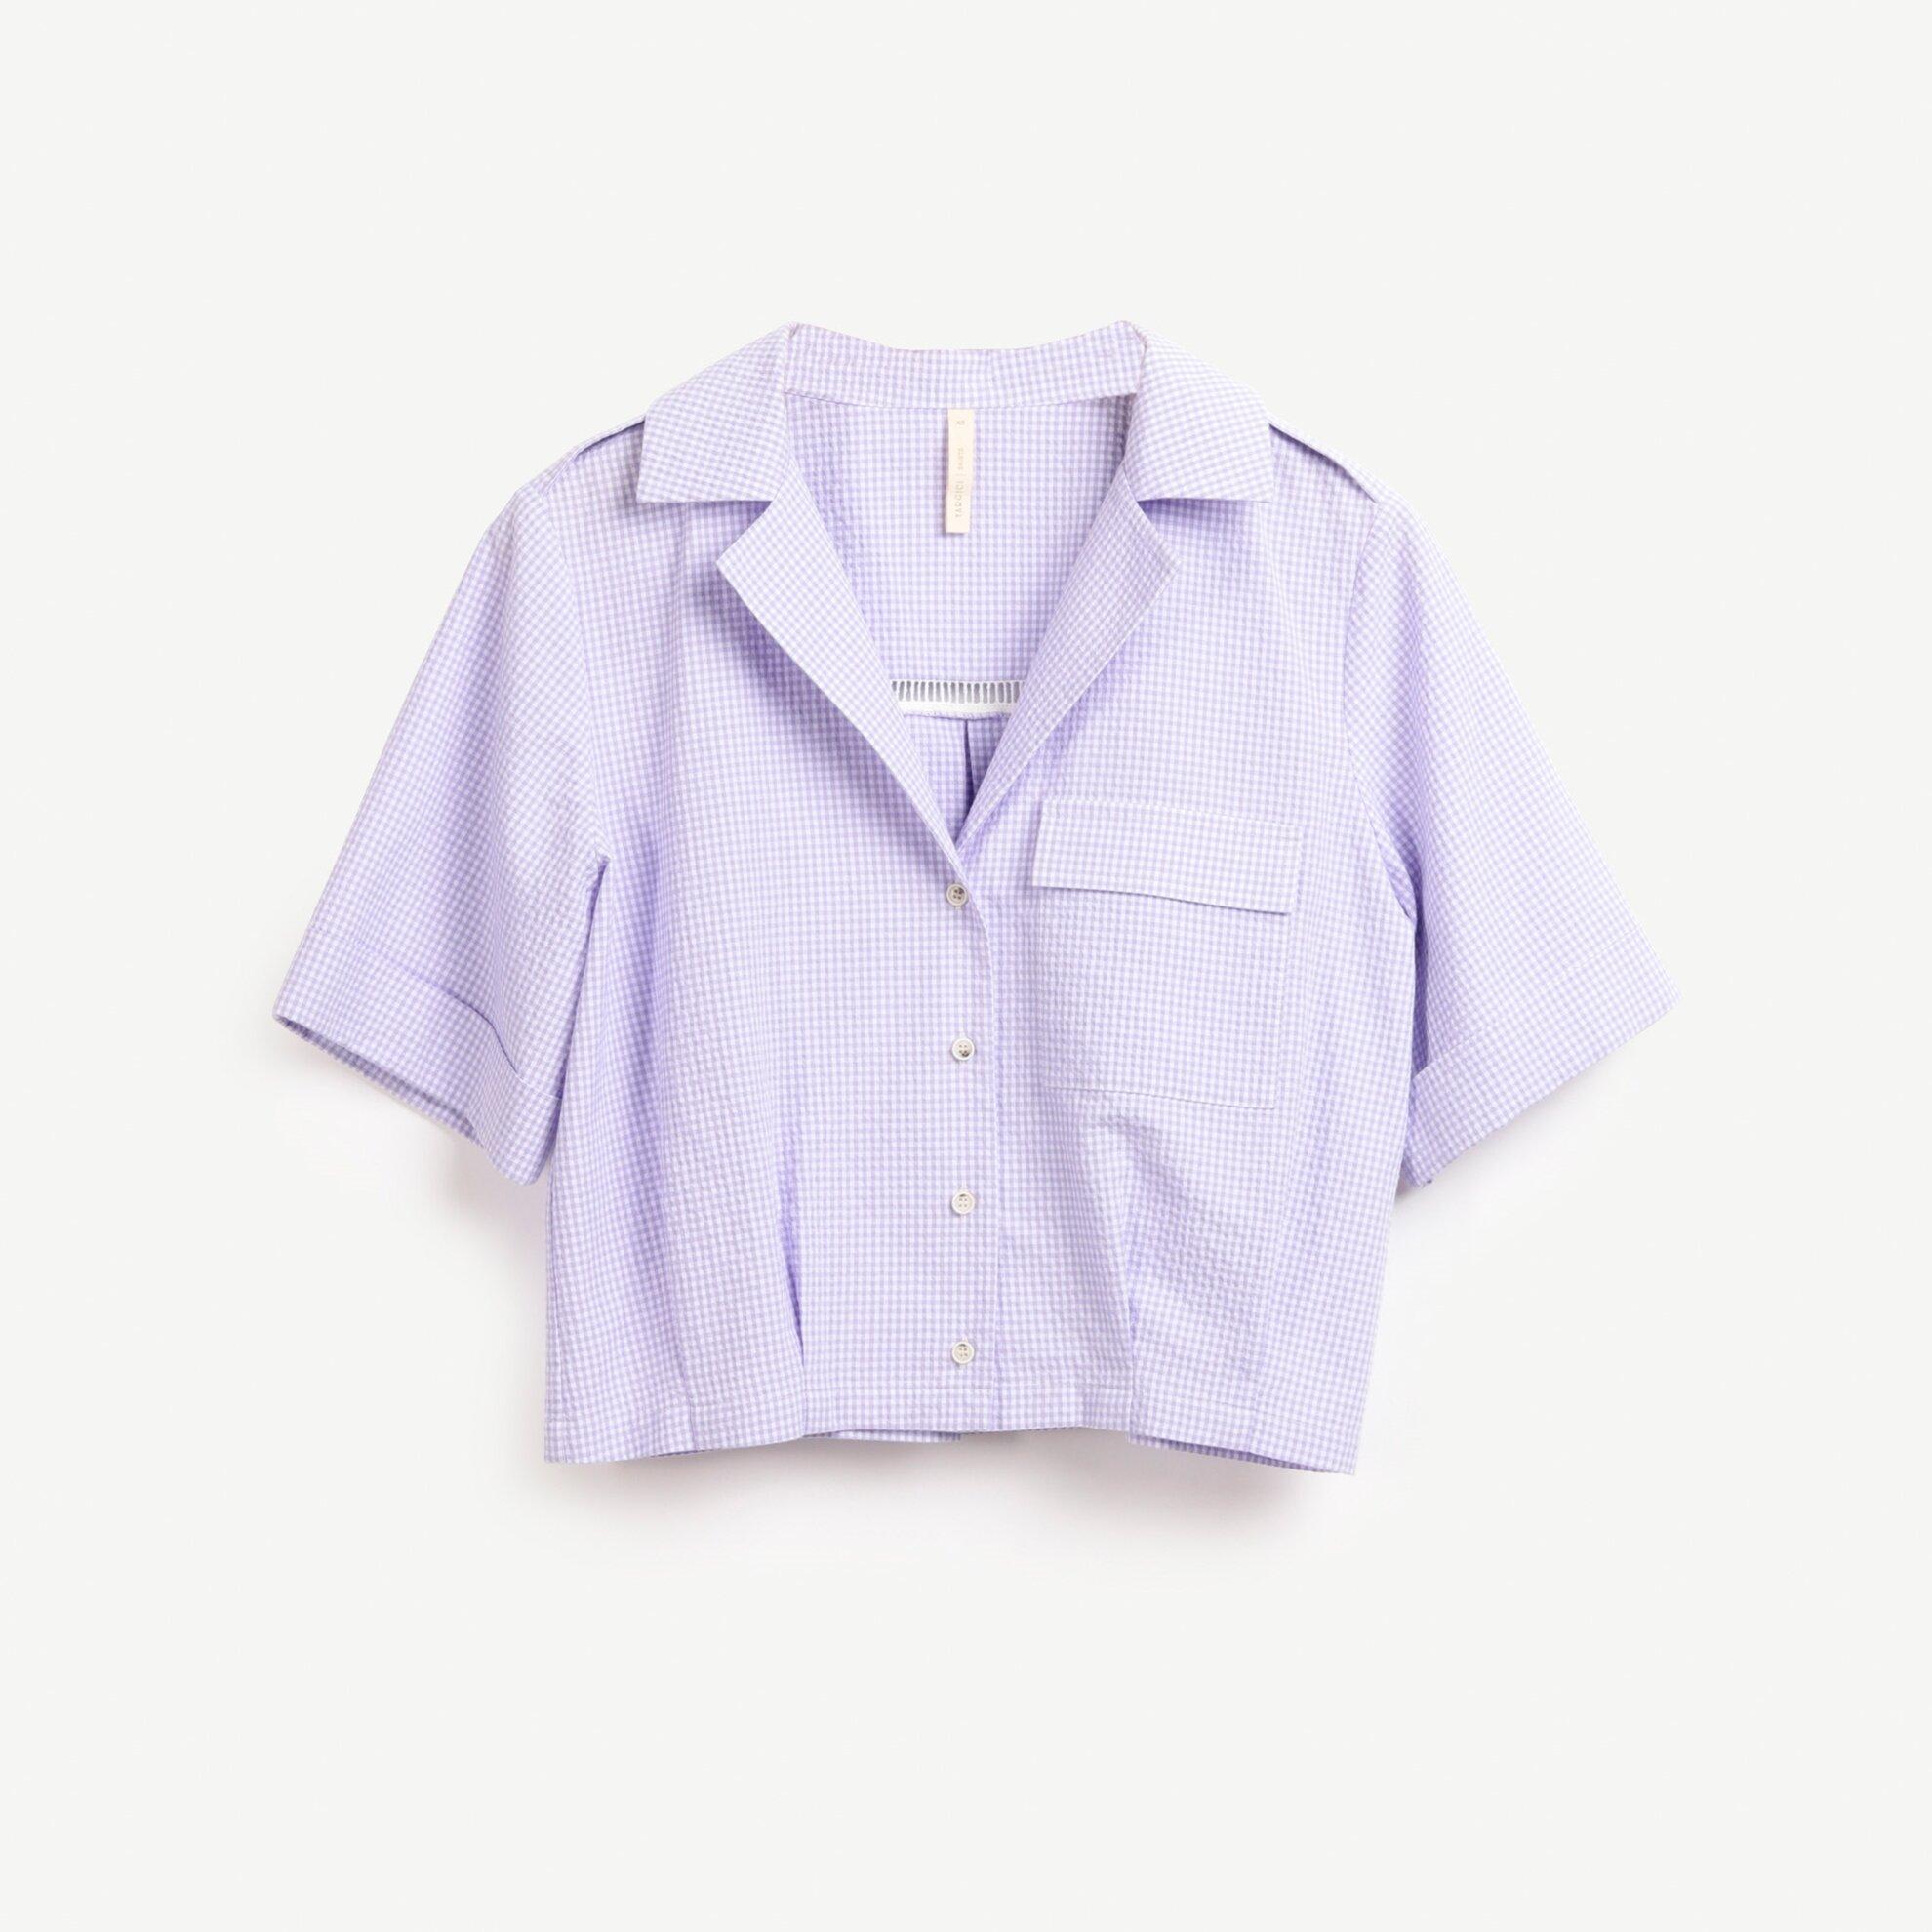 Apolet Detaylı Kısa Kollu Gömlek